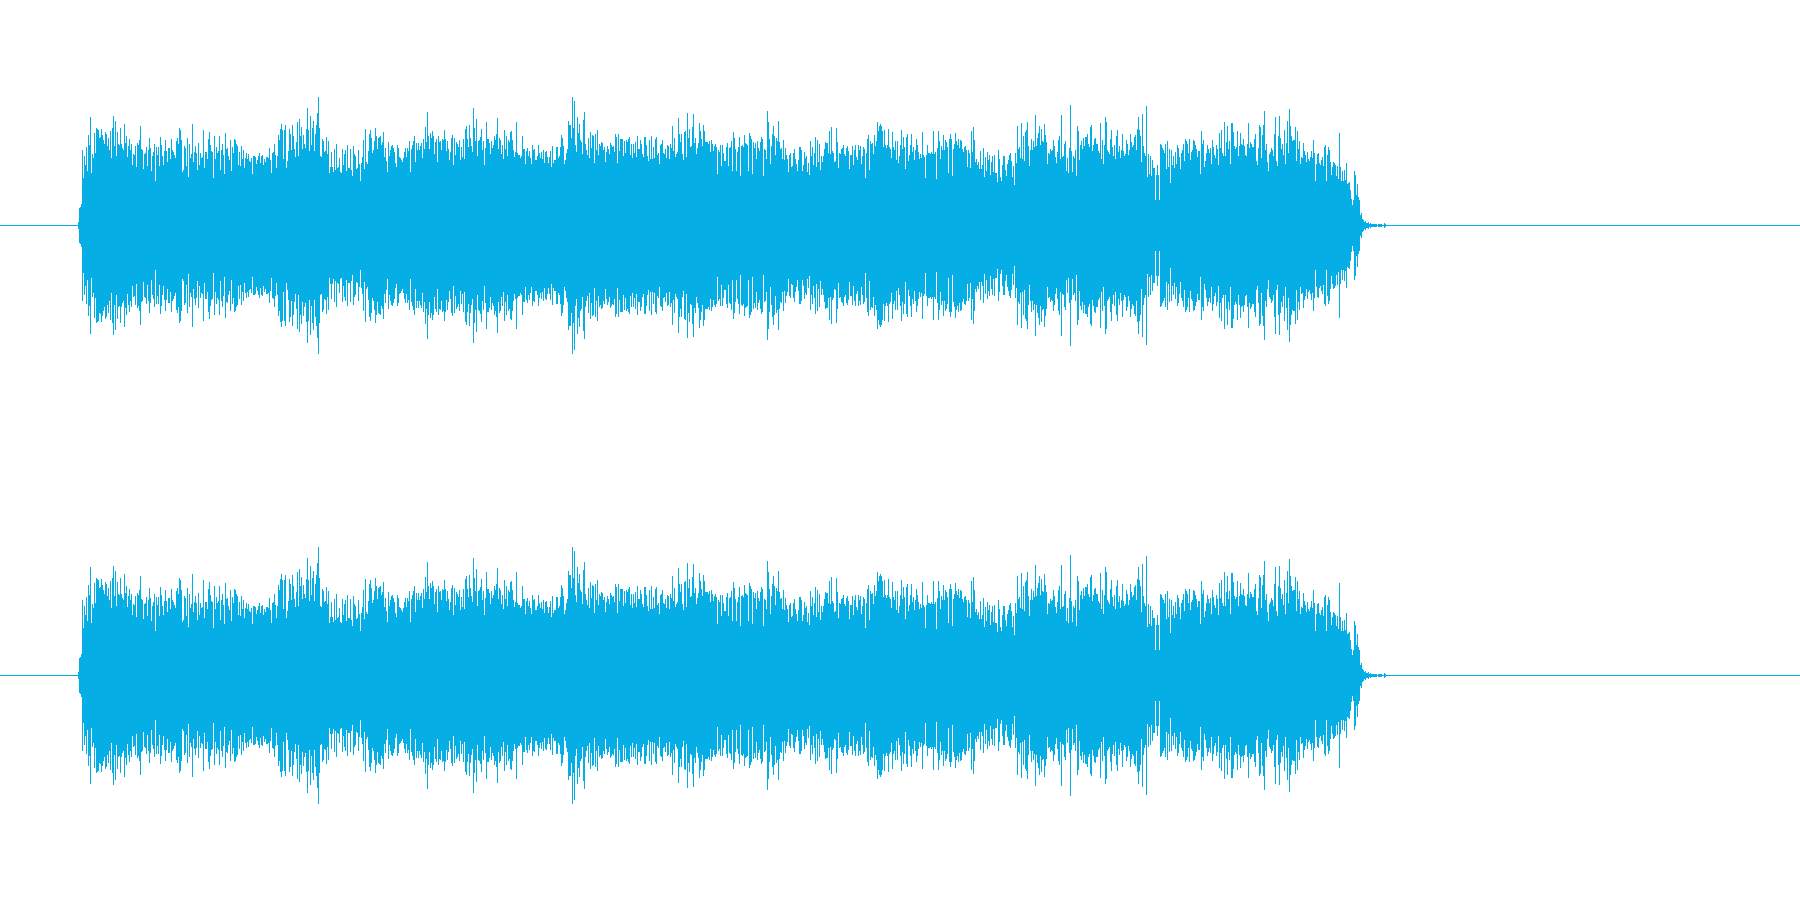 ウキウキするカントリー音楽スタート  の再生済みの波形